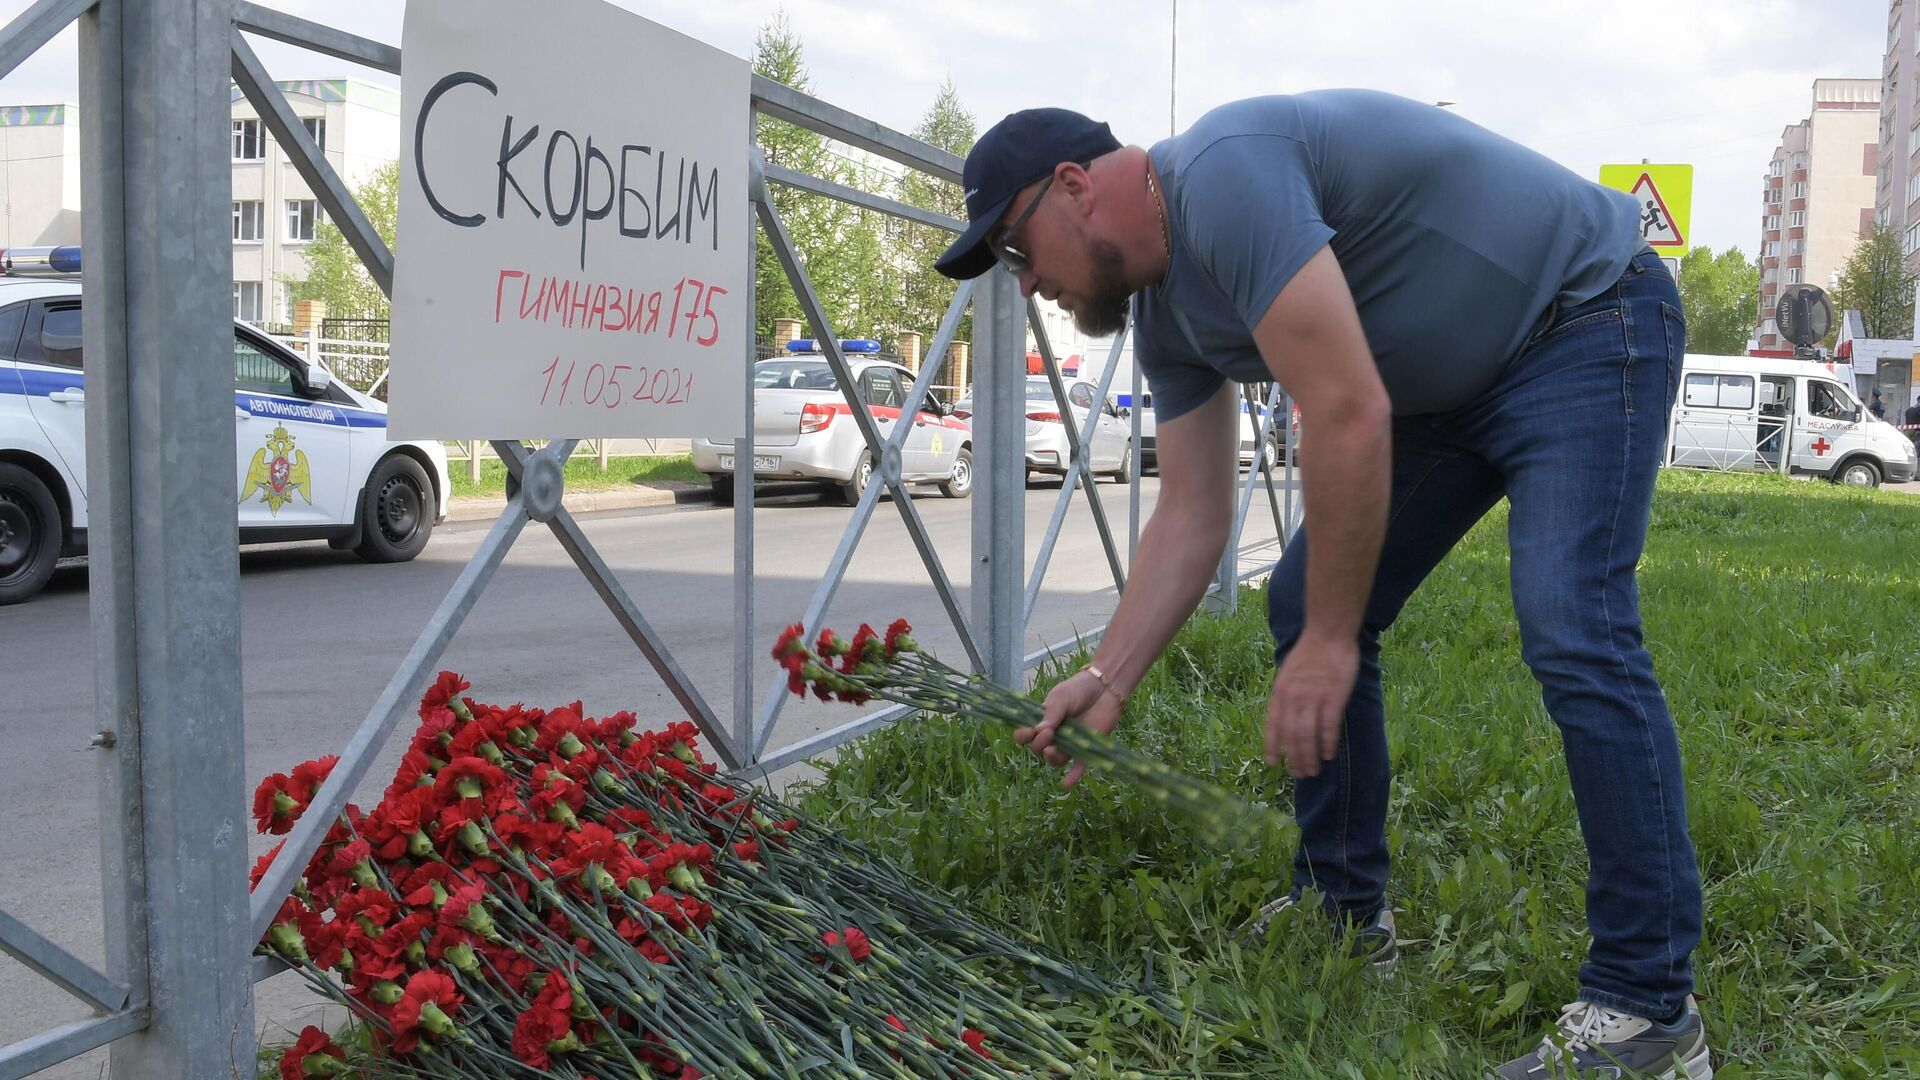 Цветы у школы в Казани, где произошла стрельба - РИА Новости, 1920, 11.05.2021